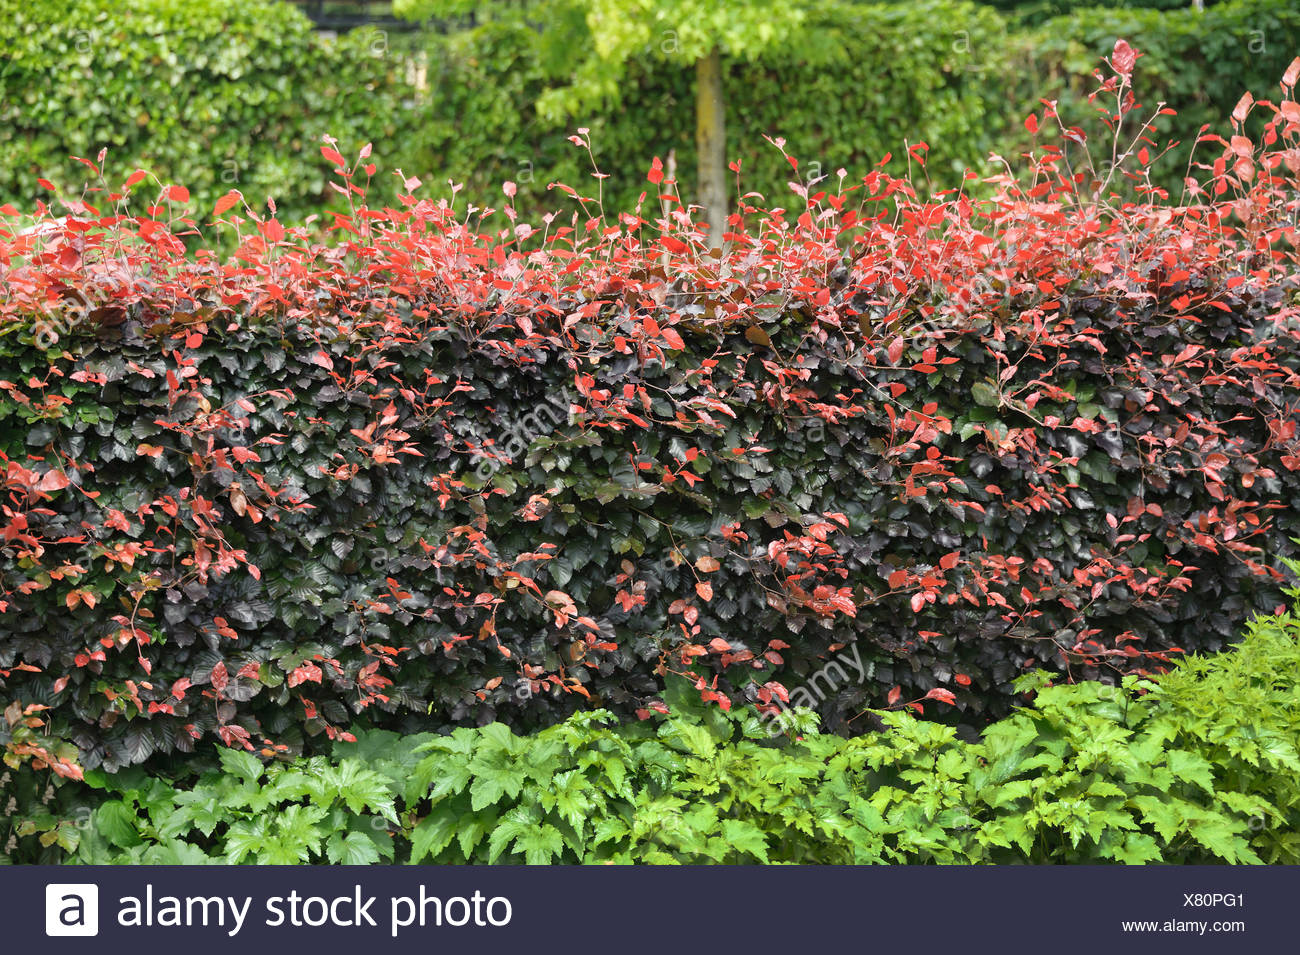 copper beech (Fagus sylvatica var. purpurea, Fagus sylvatica 'Atropunicea', Fagus sylvatica Atropunicea), hedge of cultivar Atropunicea, Netherlands - Stock Image